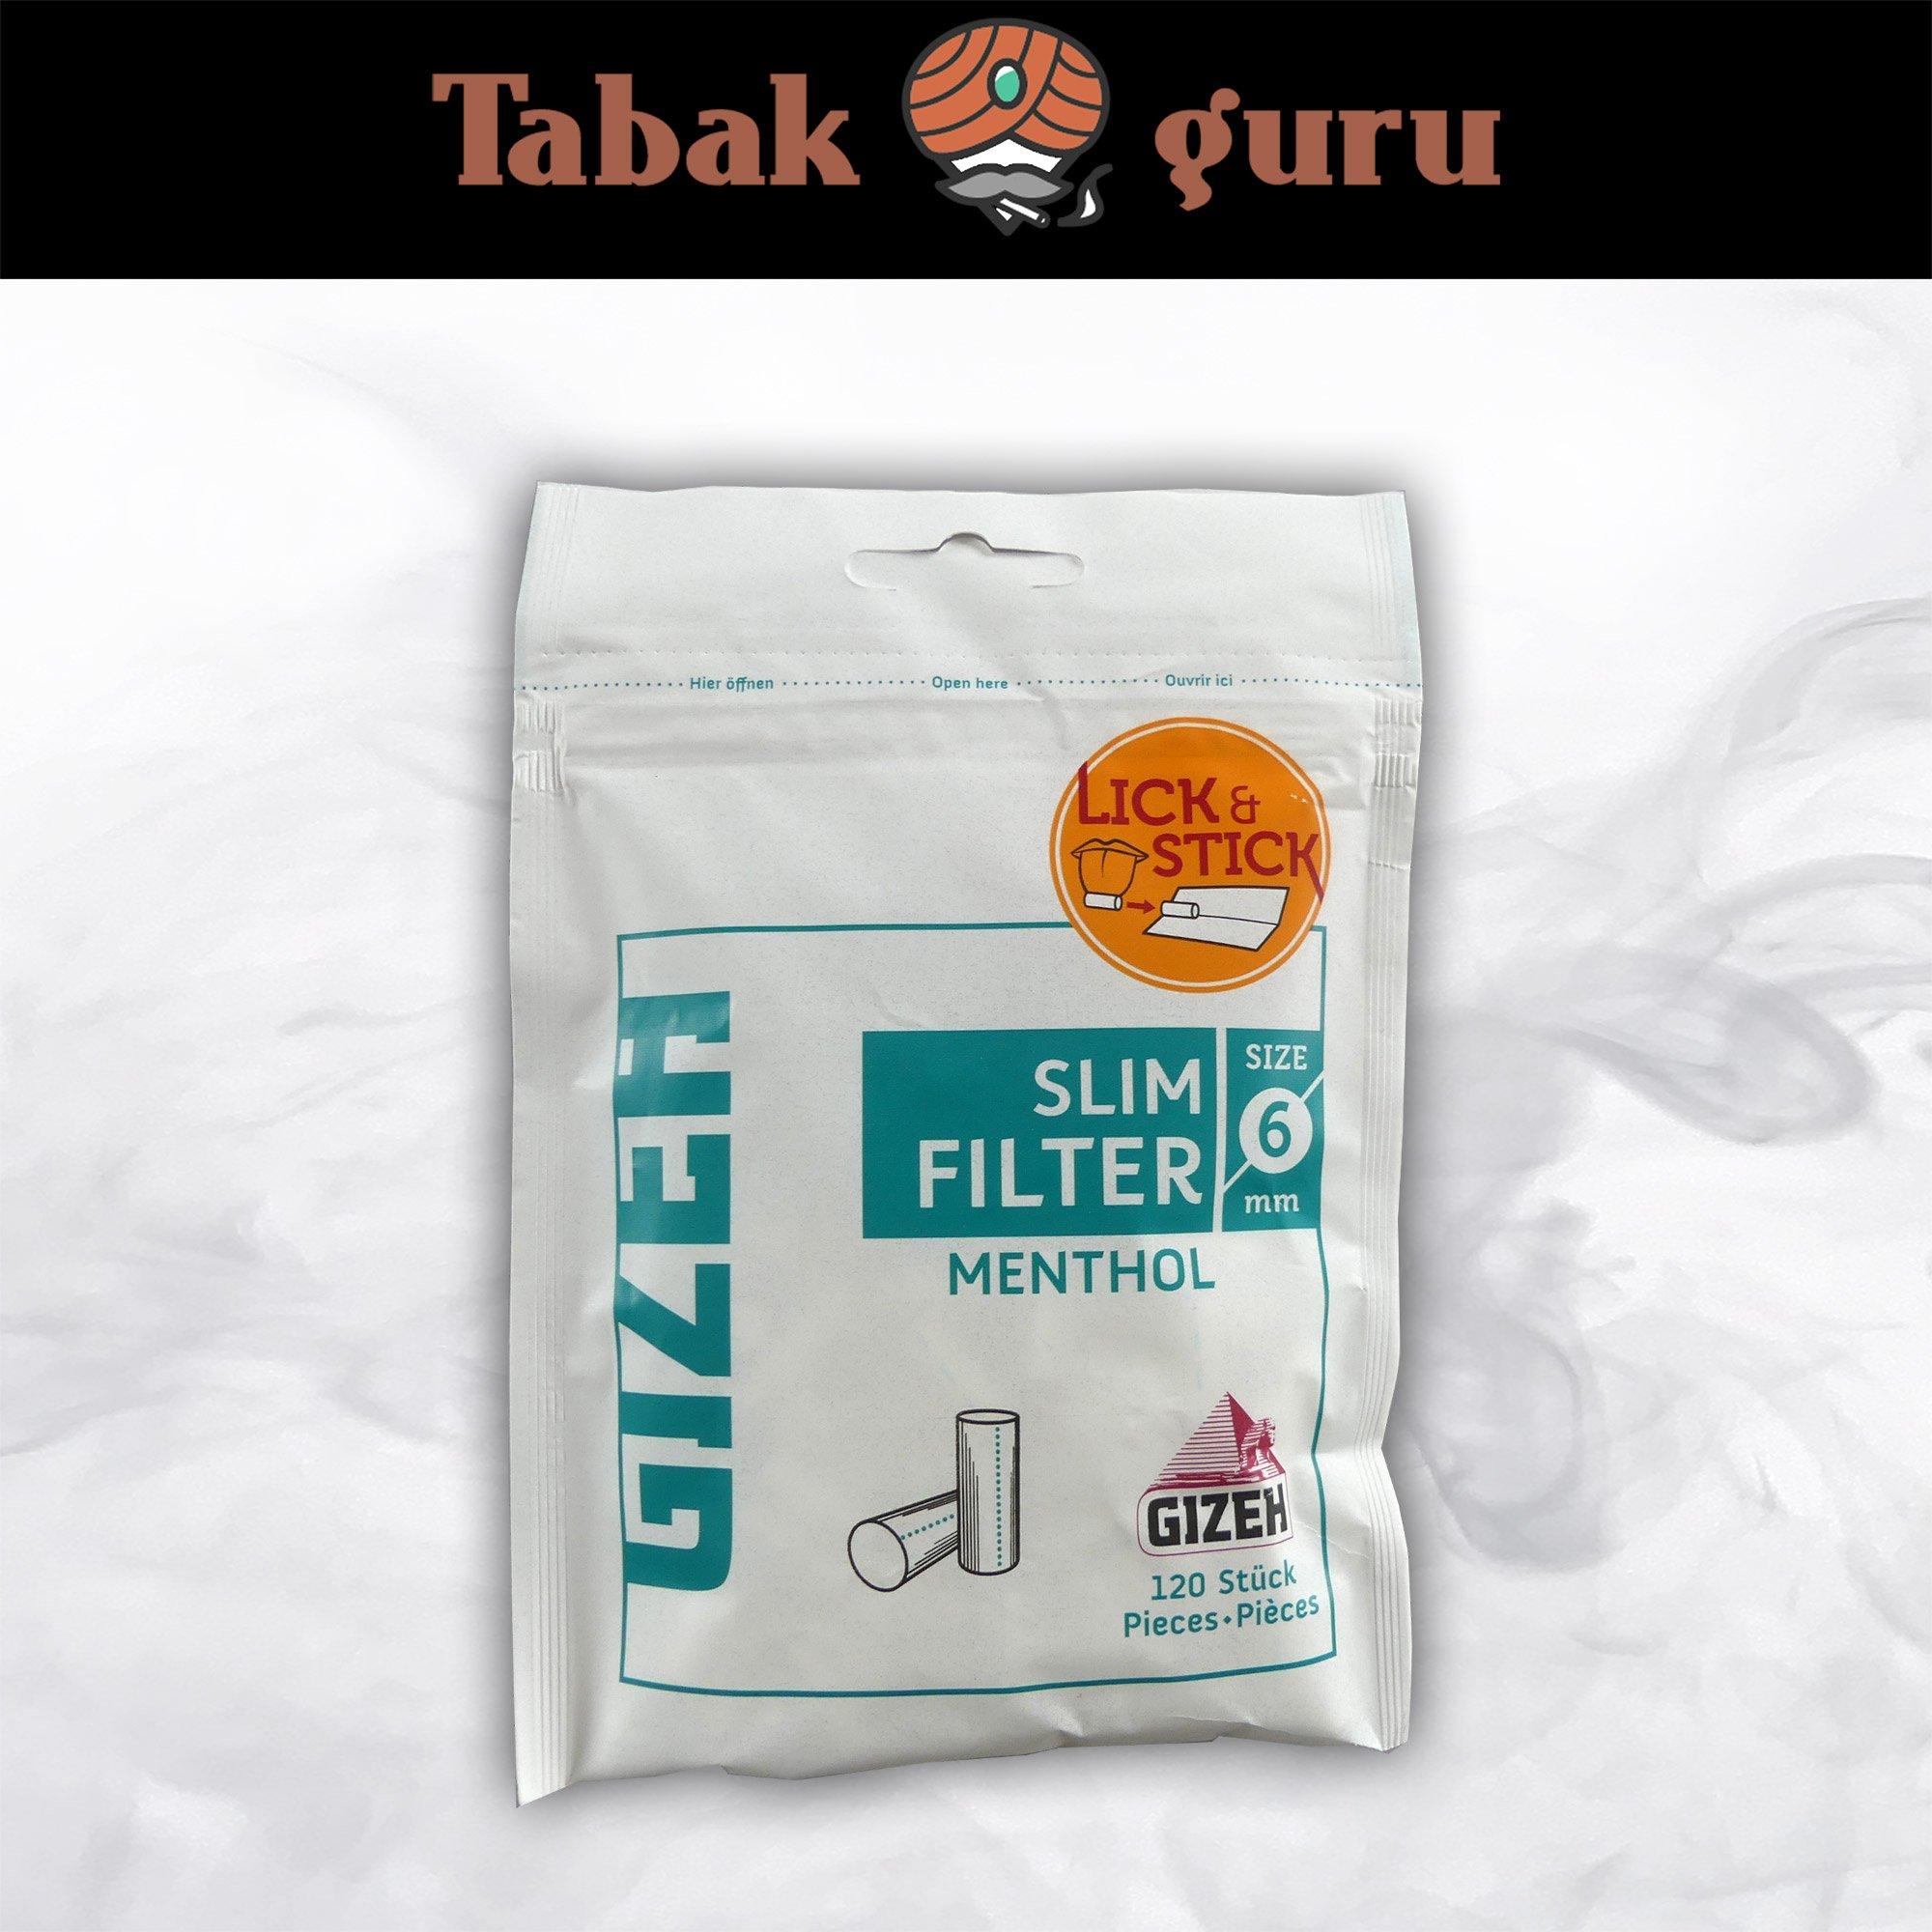 Gizeh Slim Filter Menthol à 120 Filter